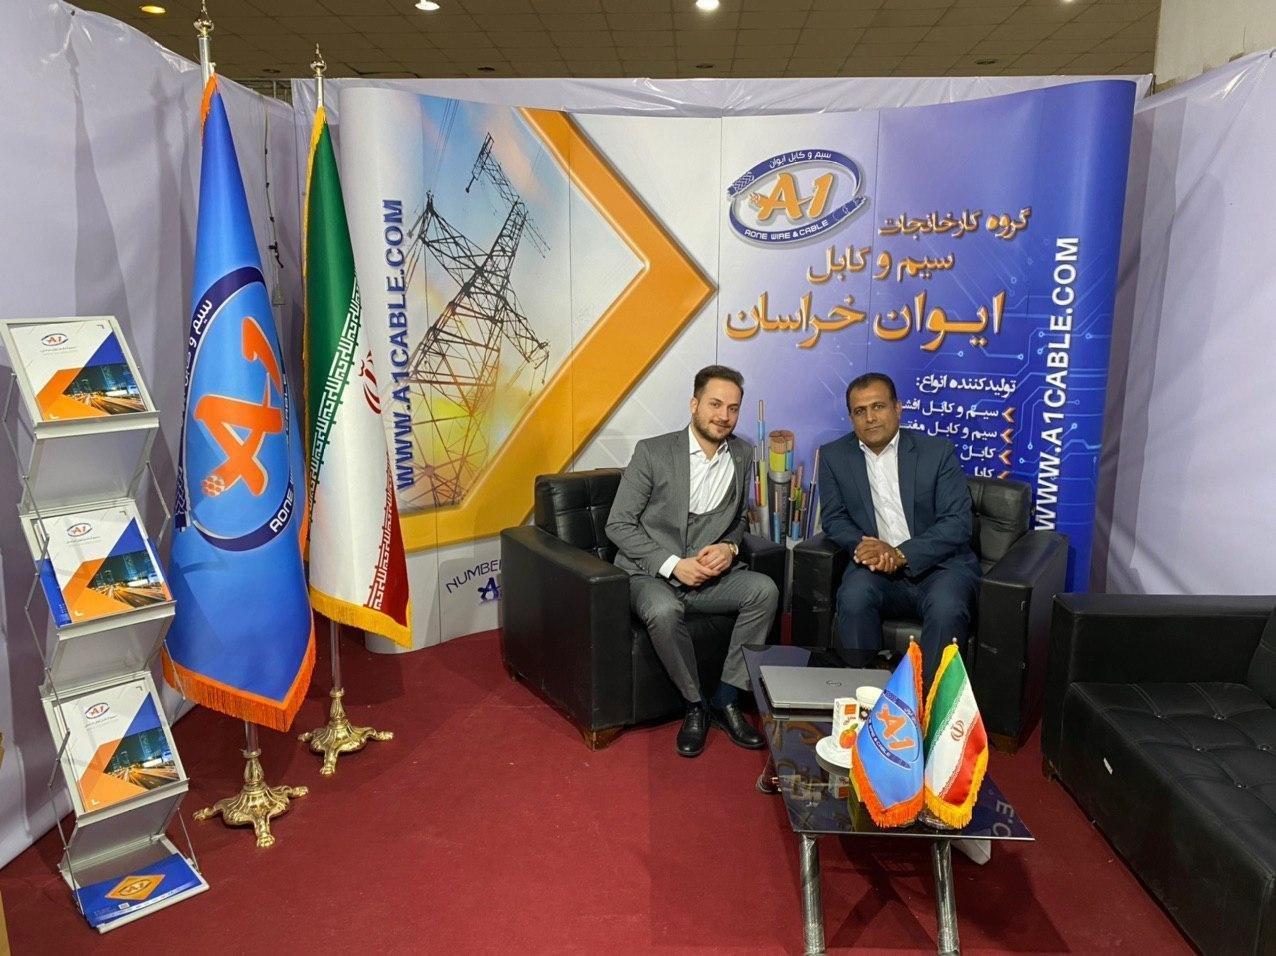 نمایشگاه ایوان استان هرمزگان